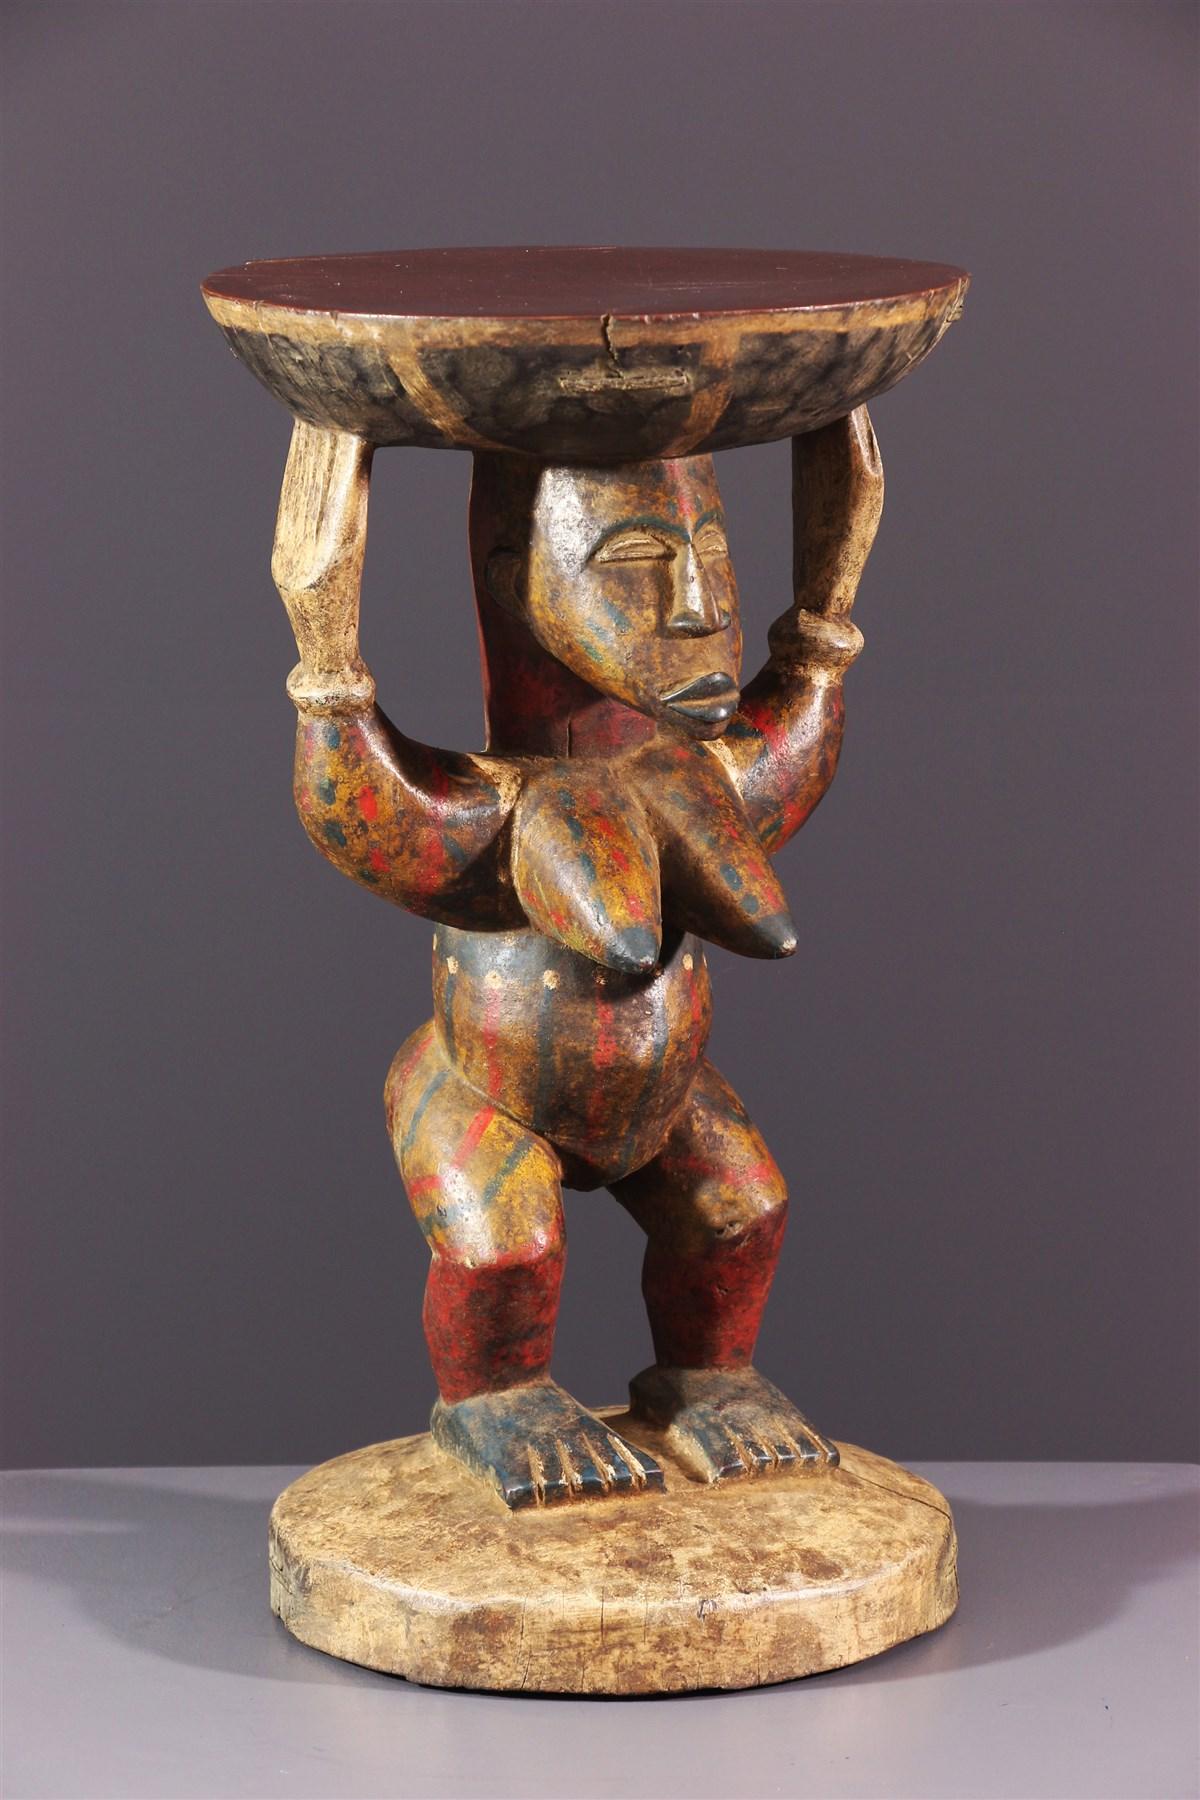 Siège caryatidique Yoruba - Art africain